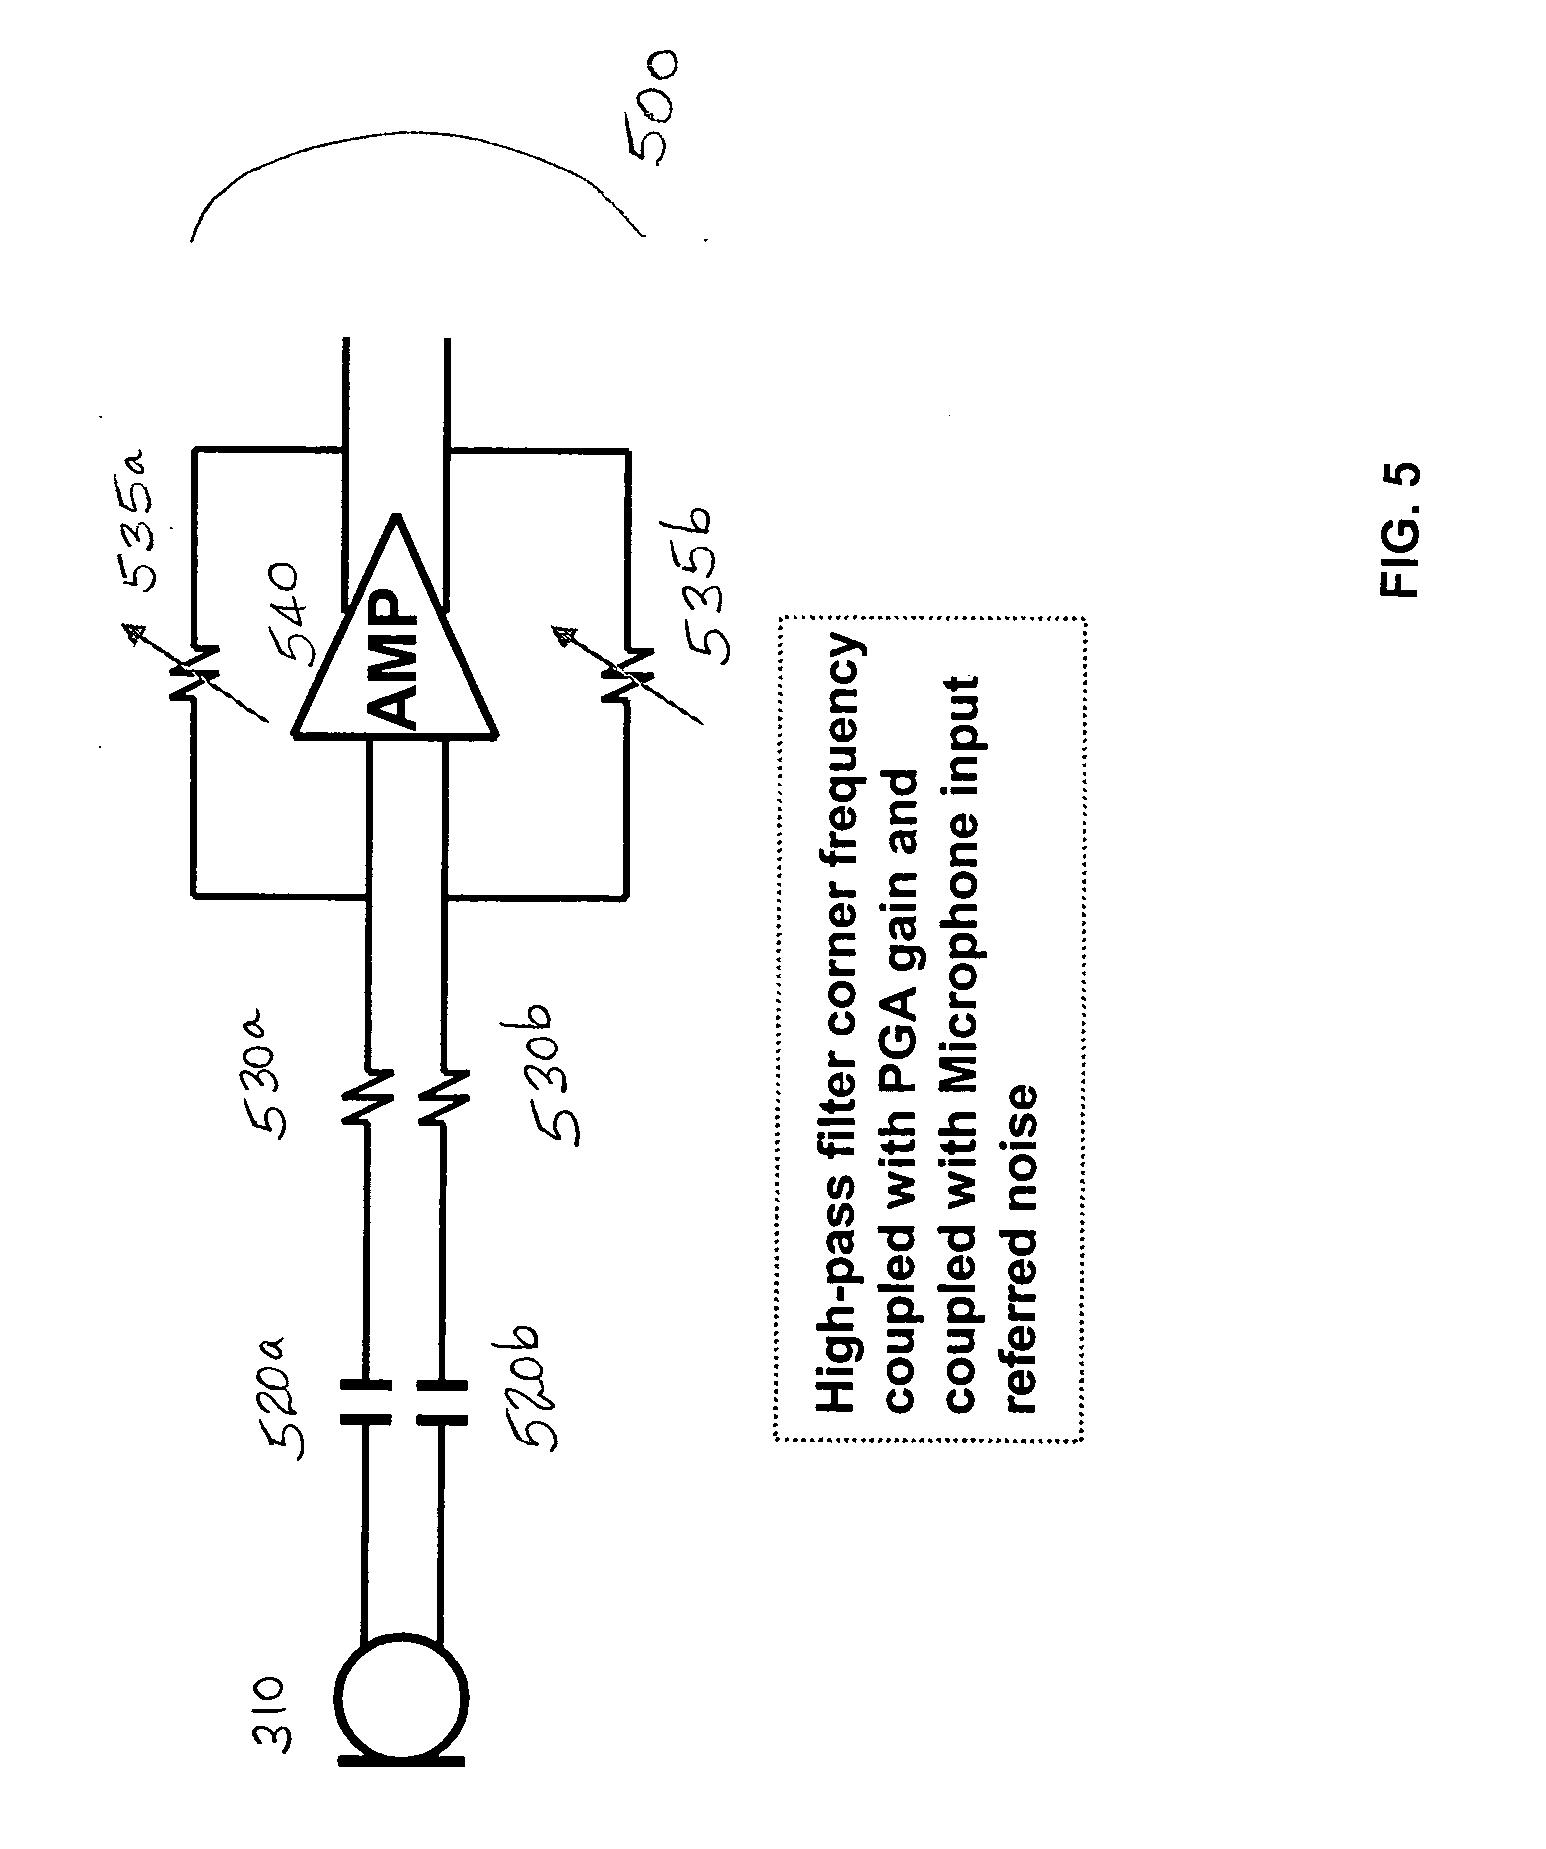 patent us20080069373